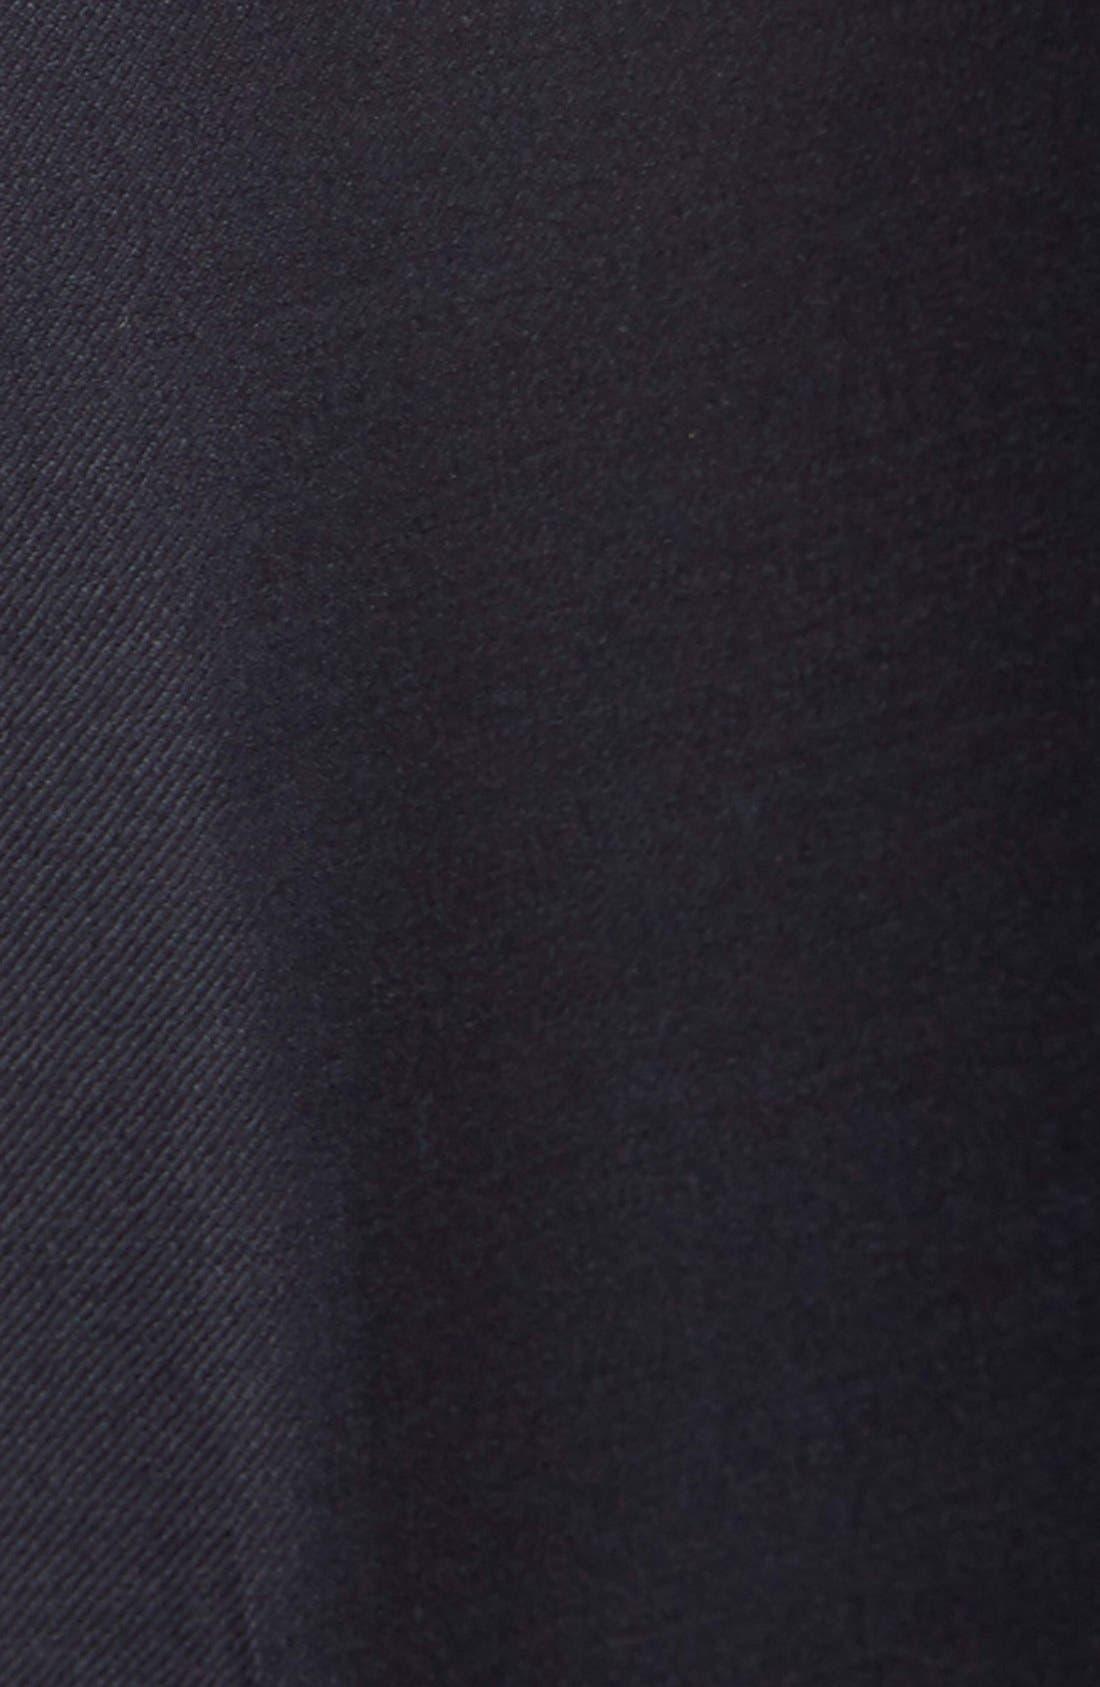 Cummerbund & Pre-Tied Bow Tie Set,                             Alternate thumbnail 3, color,                             BLACK